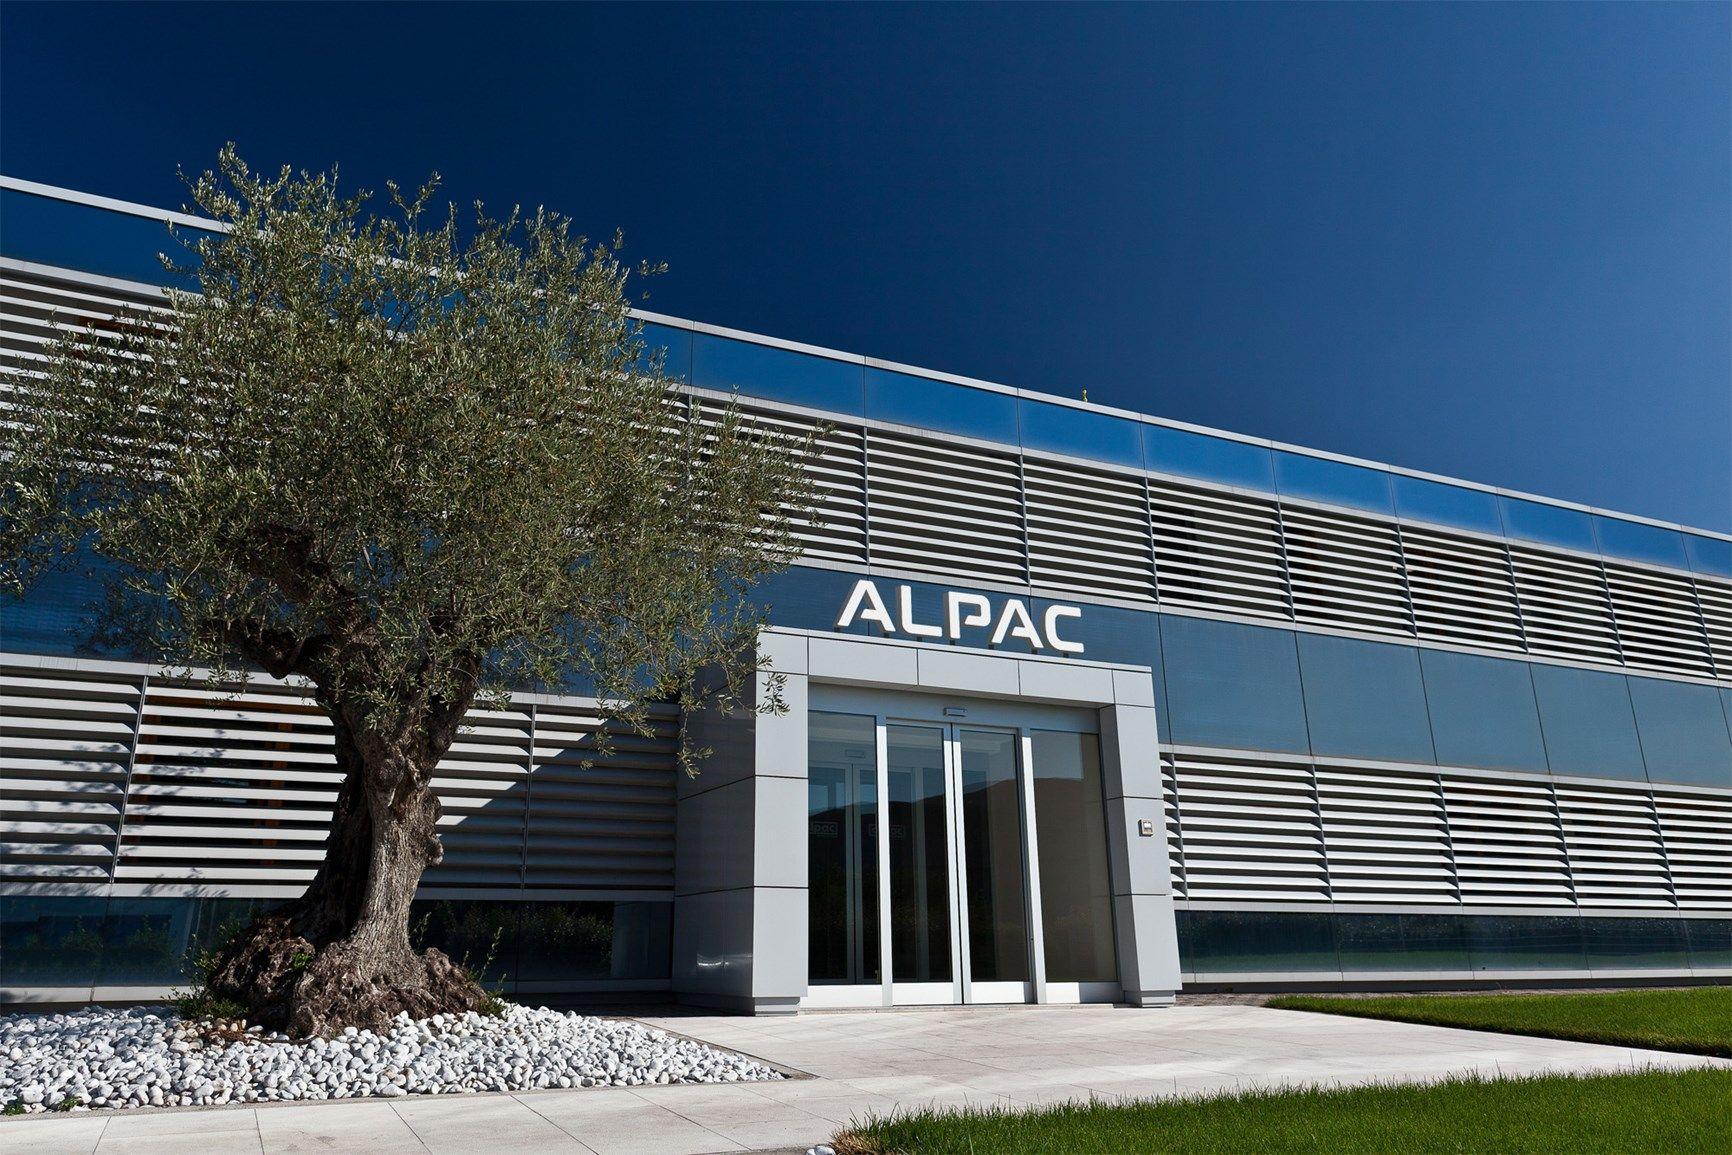 Il Gruppo Alpac sempre più forte sul mercato italiano:  +20,8% nel 2018